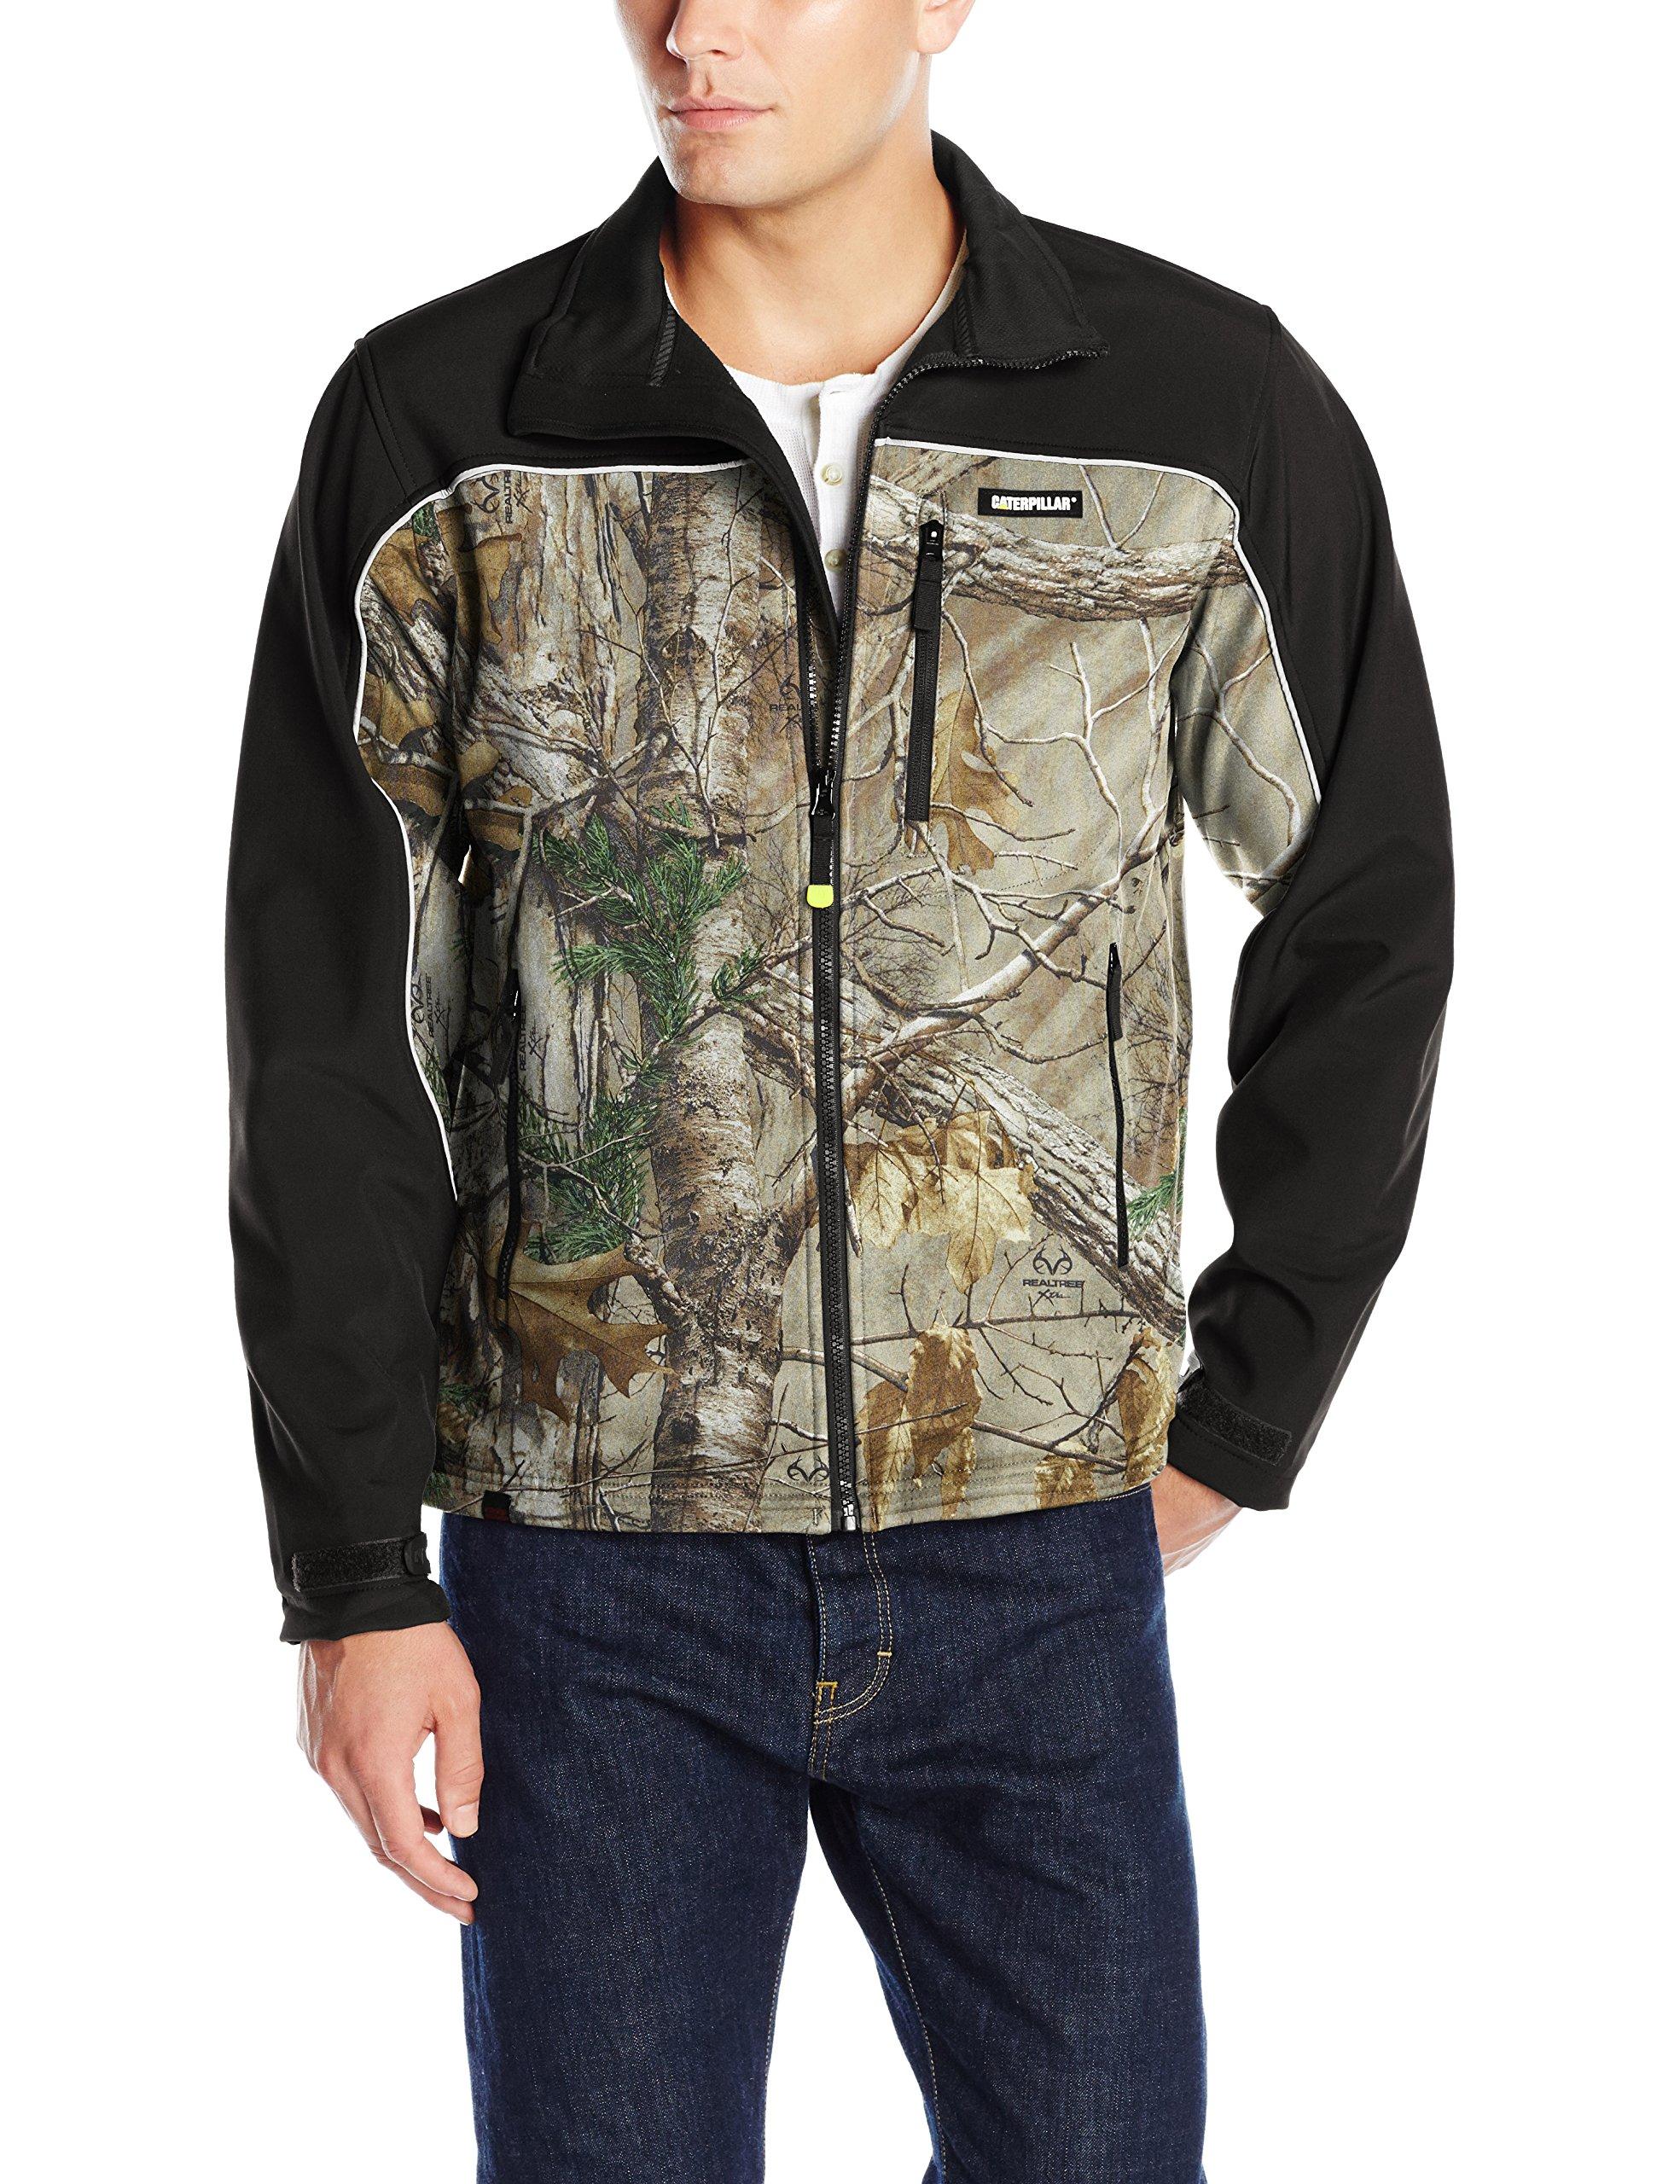 Caterpillar Men's Soft Shell Jacket, Realtree Xtra Camo, Medium